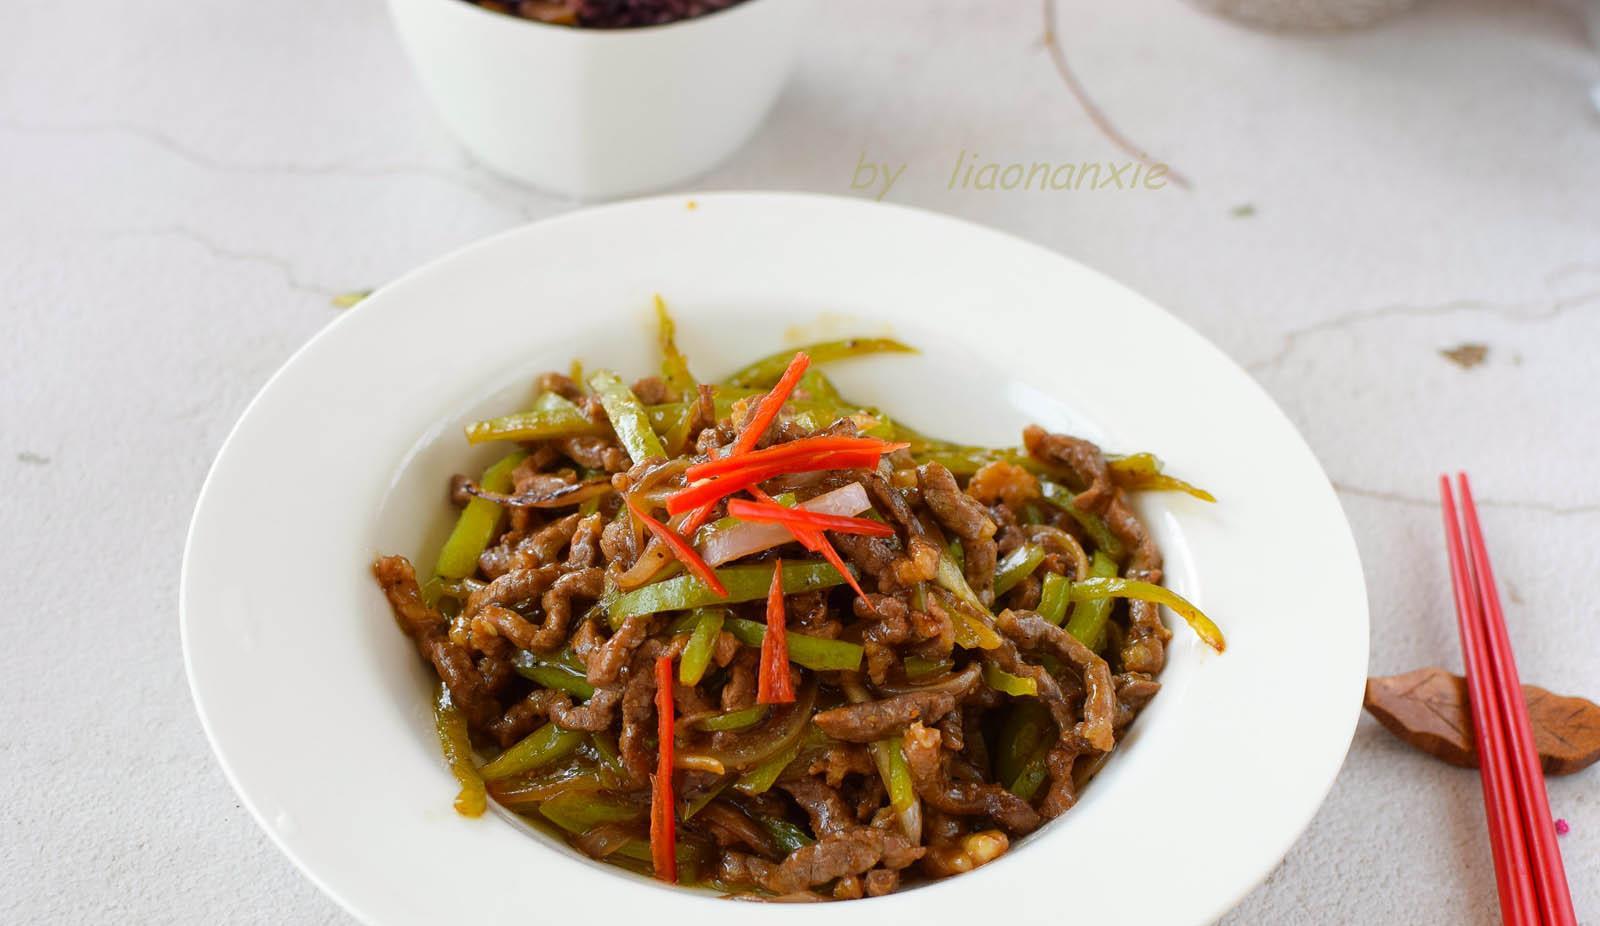 午饭没有胃口?试试这样做,只有一个菜也能吃掉一锅米饭